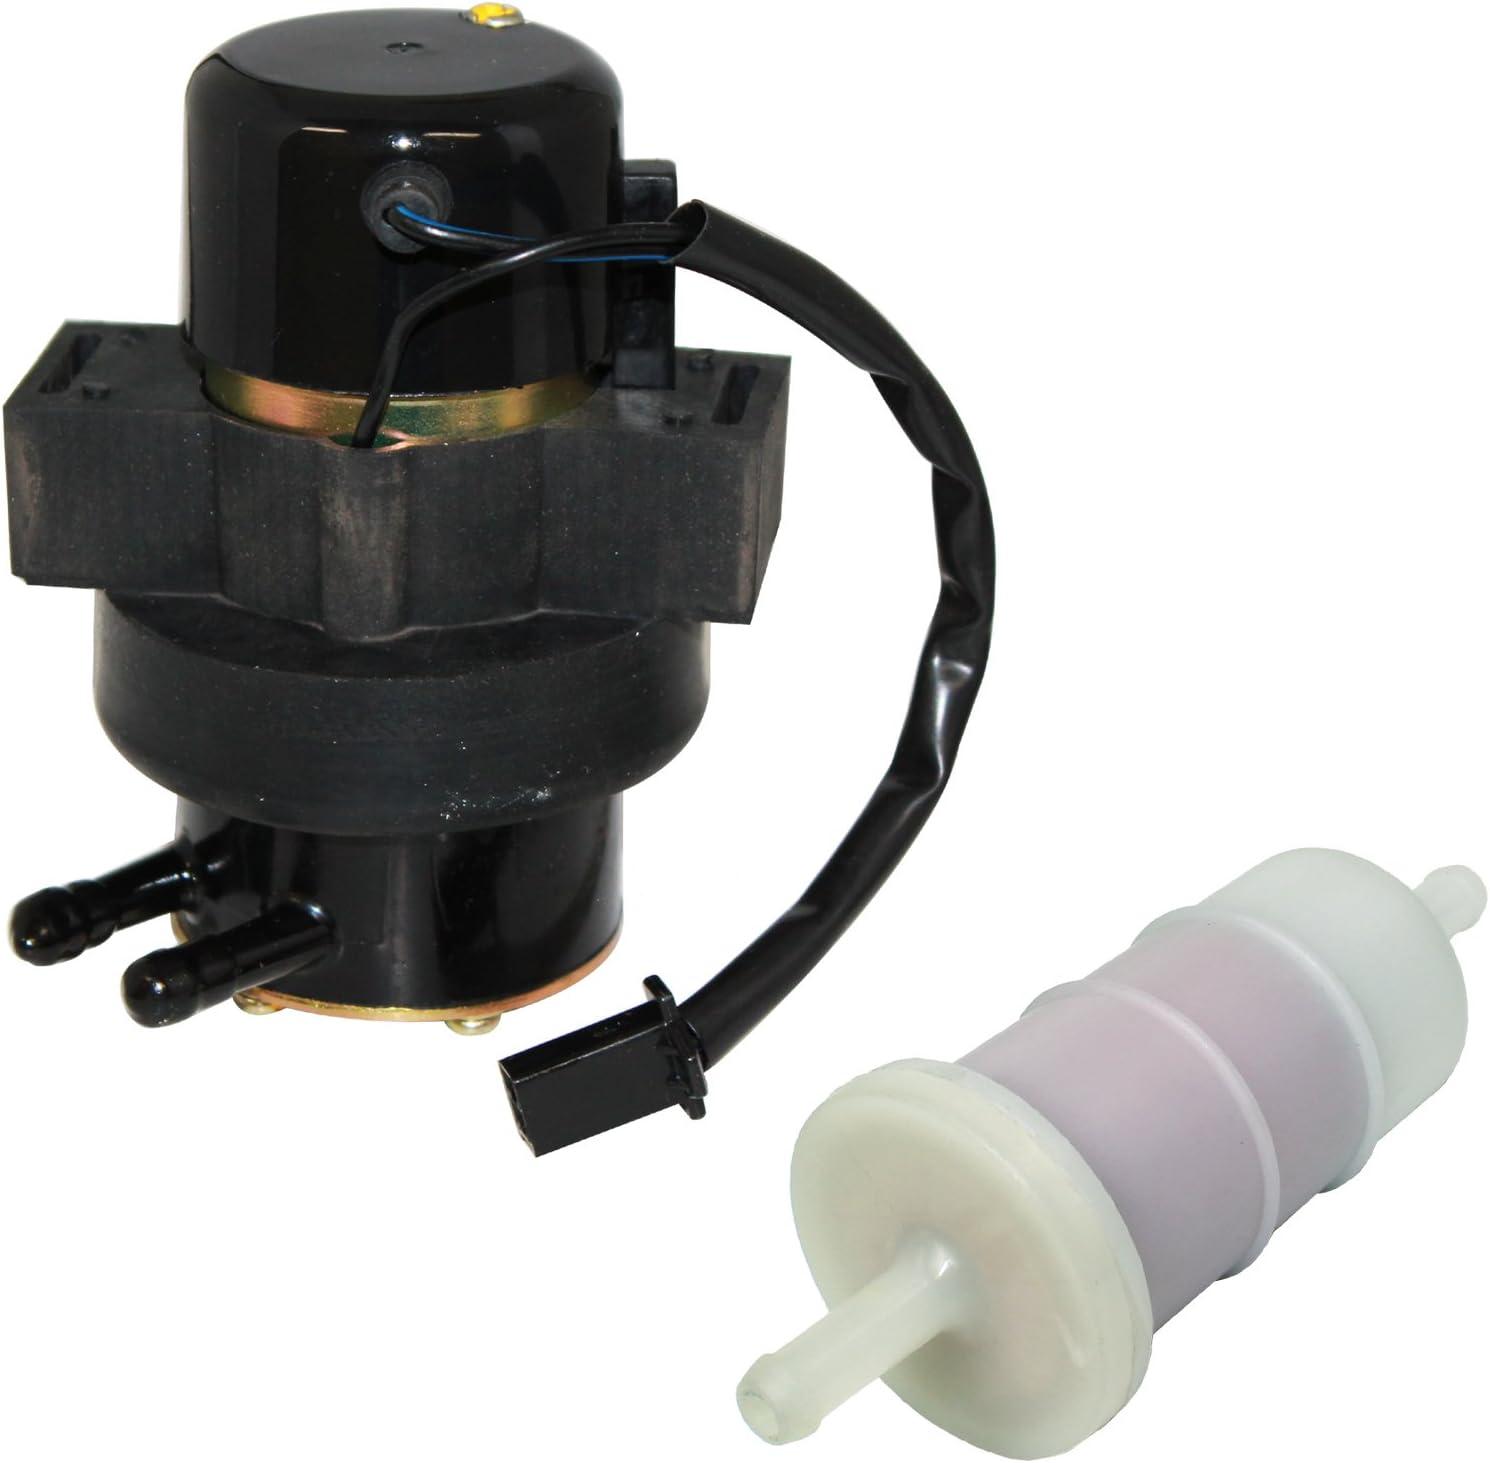 honda shadow fuel filter amazon com caltric fuel pump   filter for honda vf700c shadow 700 1996 honda shadow 600 fuel filter caltric fuel pump   filter for honda